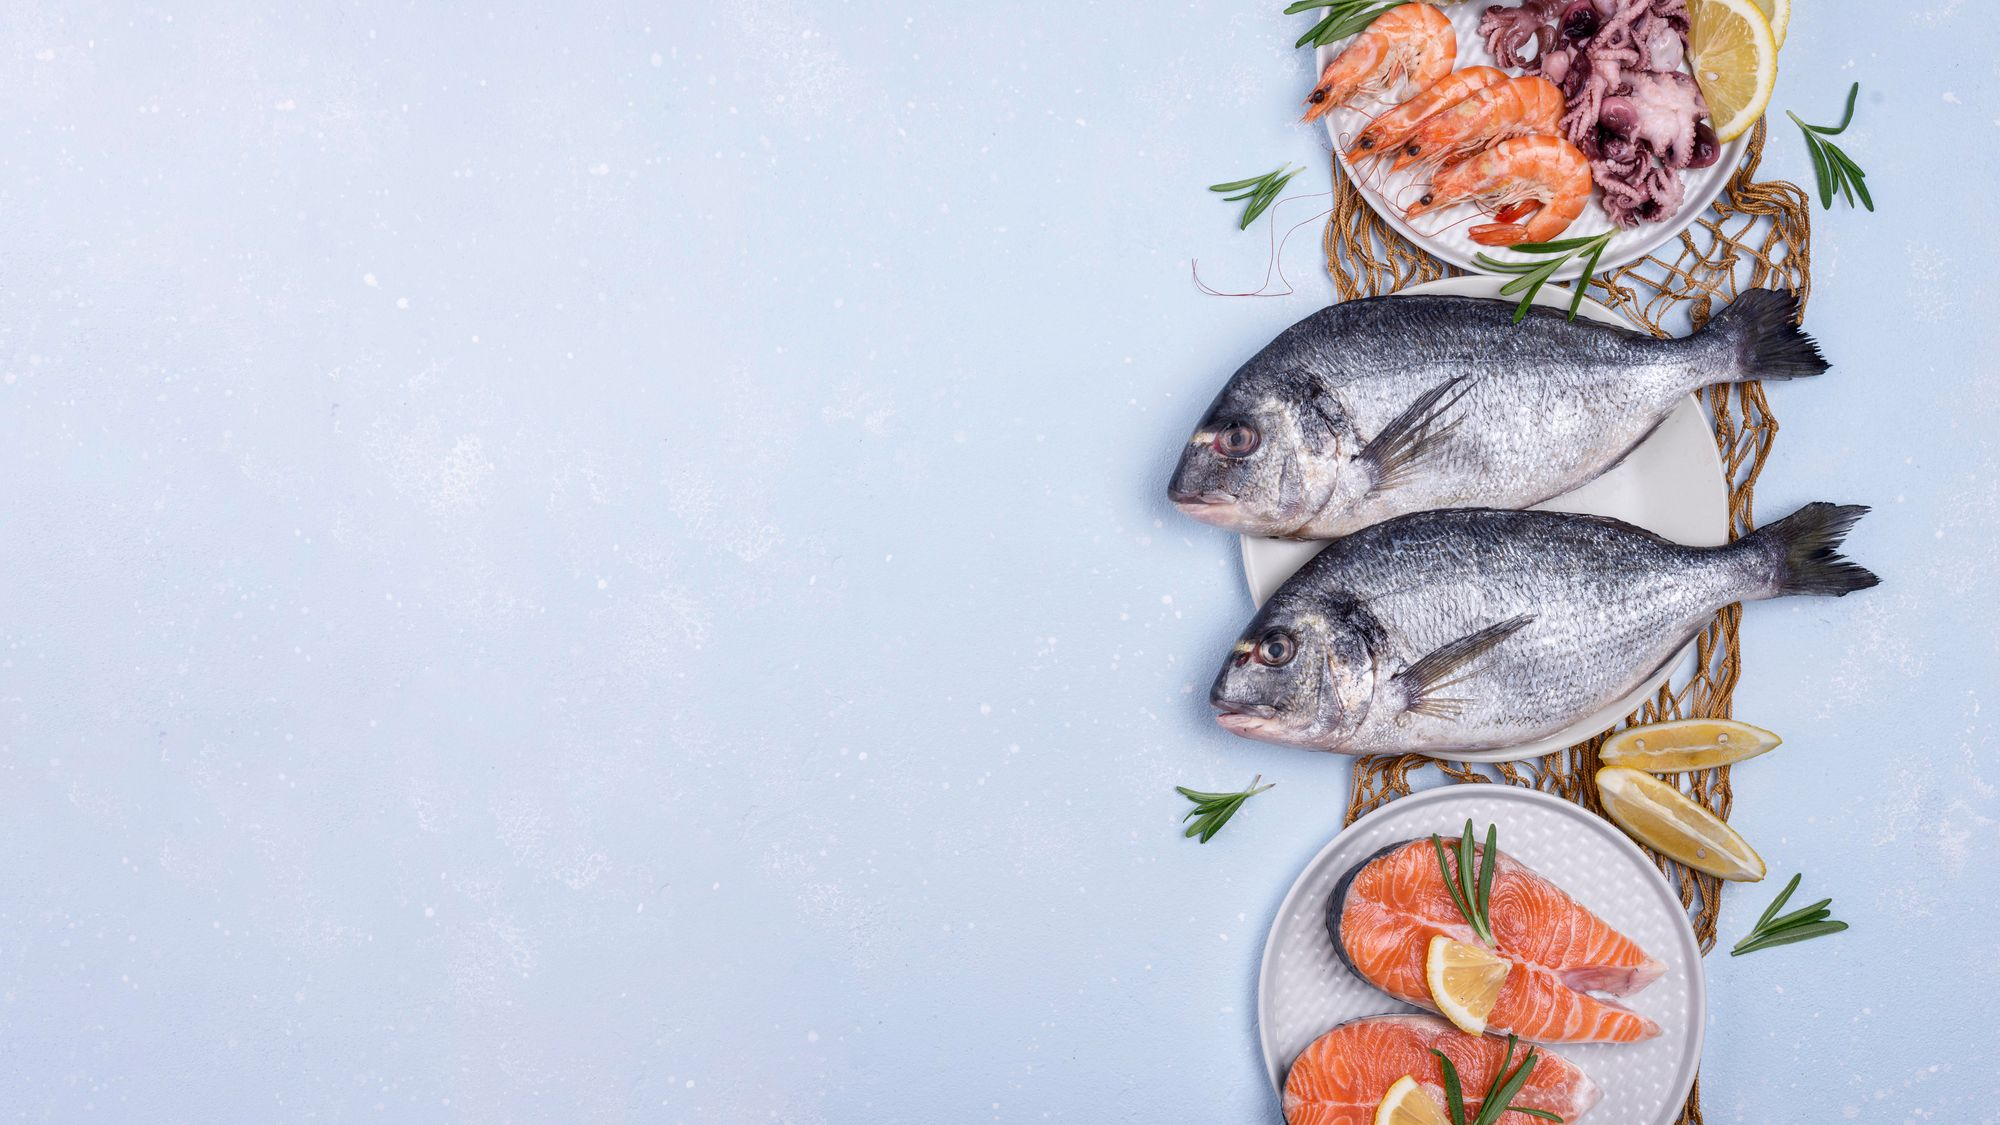 Peixes e frutos do mar. (Reprodução/Freepik)